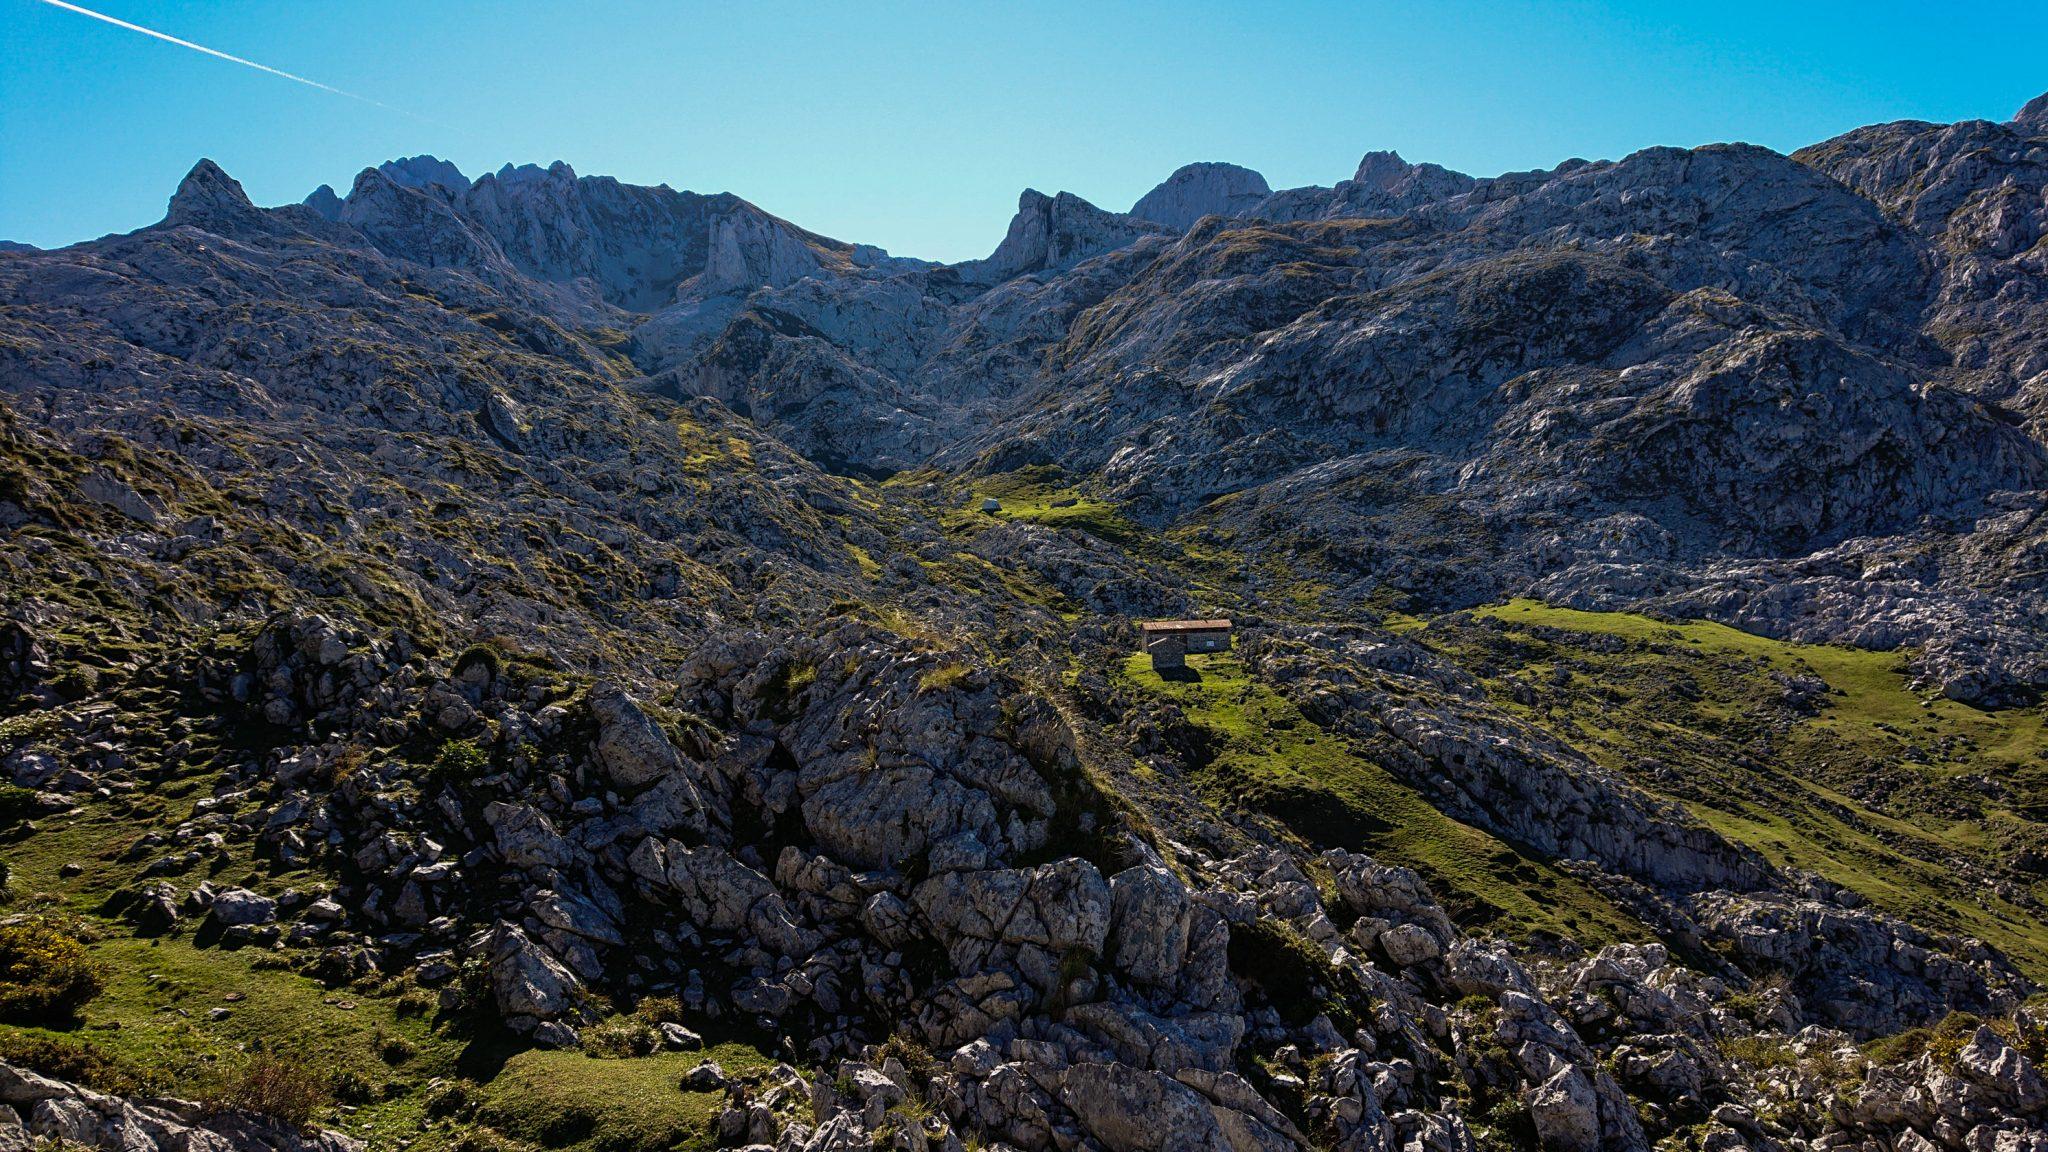 Wanderung Mirador de Ordiales Picos de Europa Spanien, schöner schmaler und einsamer Wanderweg über Stock und Stein, verschiedenste Felsen